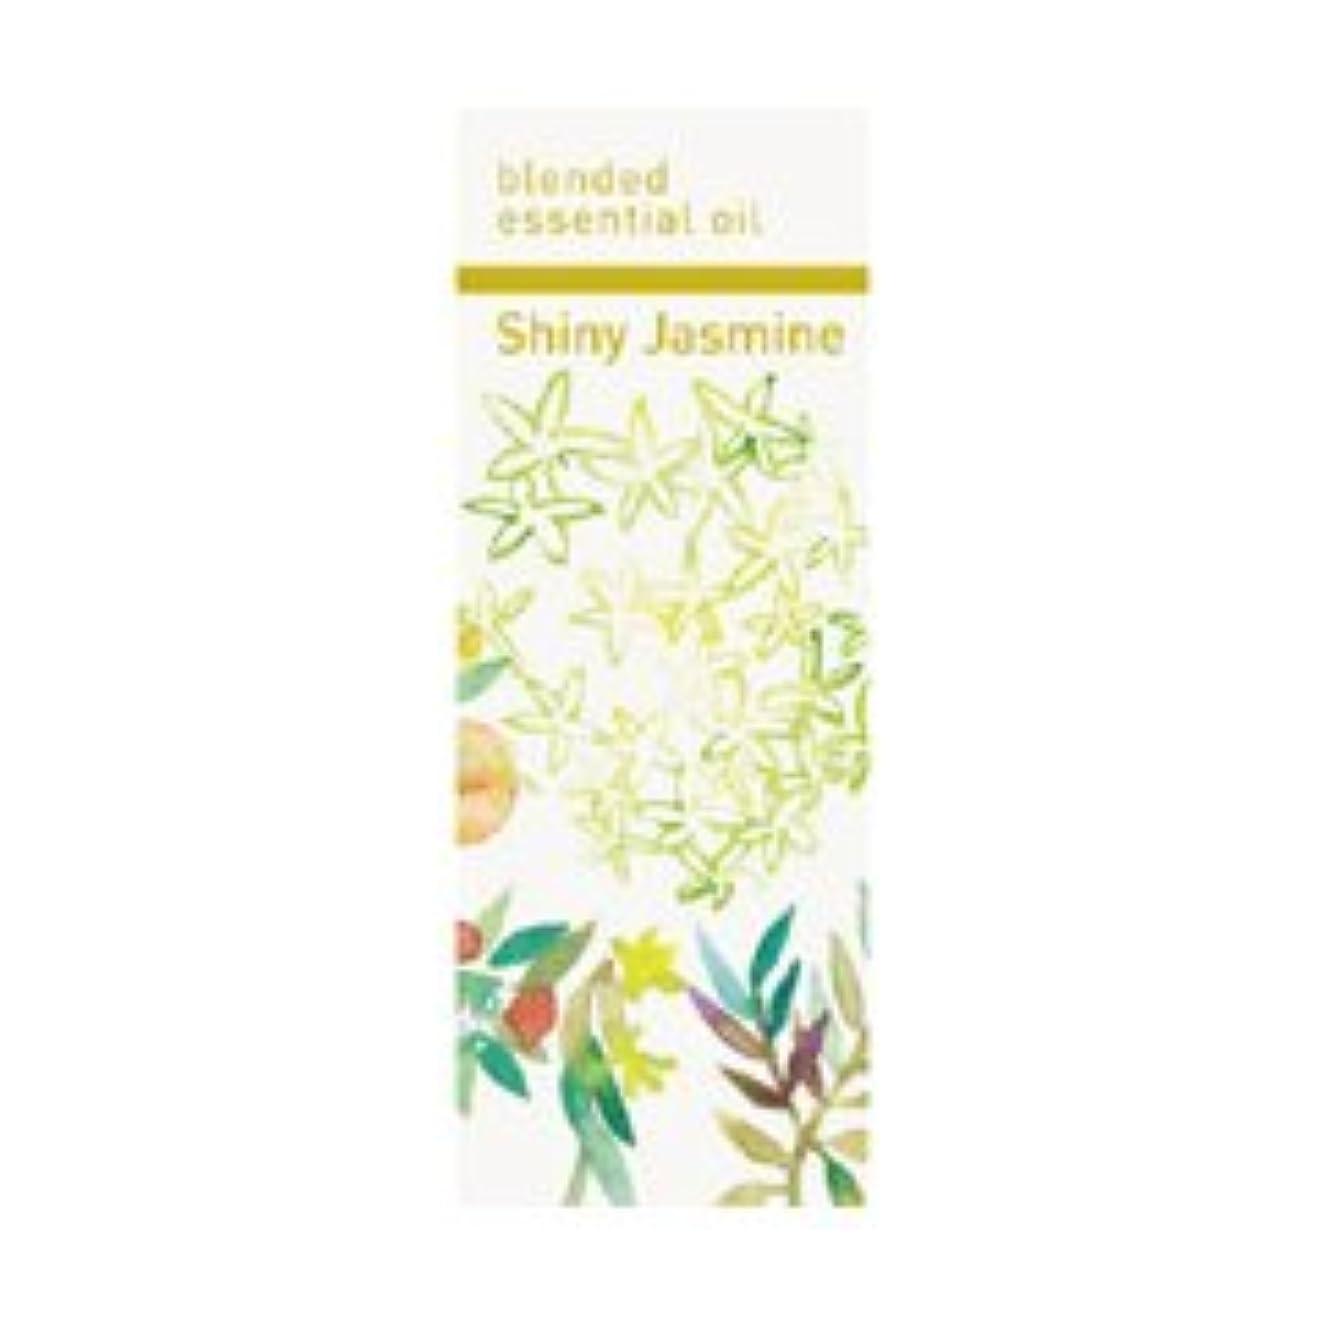 フォーカス耐えられないホバー生活の木 ブレンドエッセンシャルオイル シャイニージャスミン [30ml] エッセンシャルオイル/精油